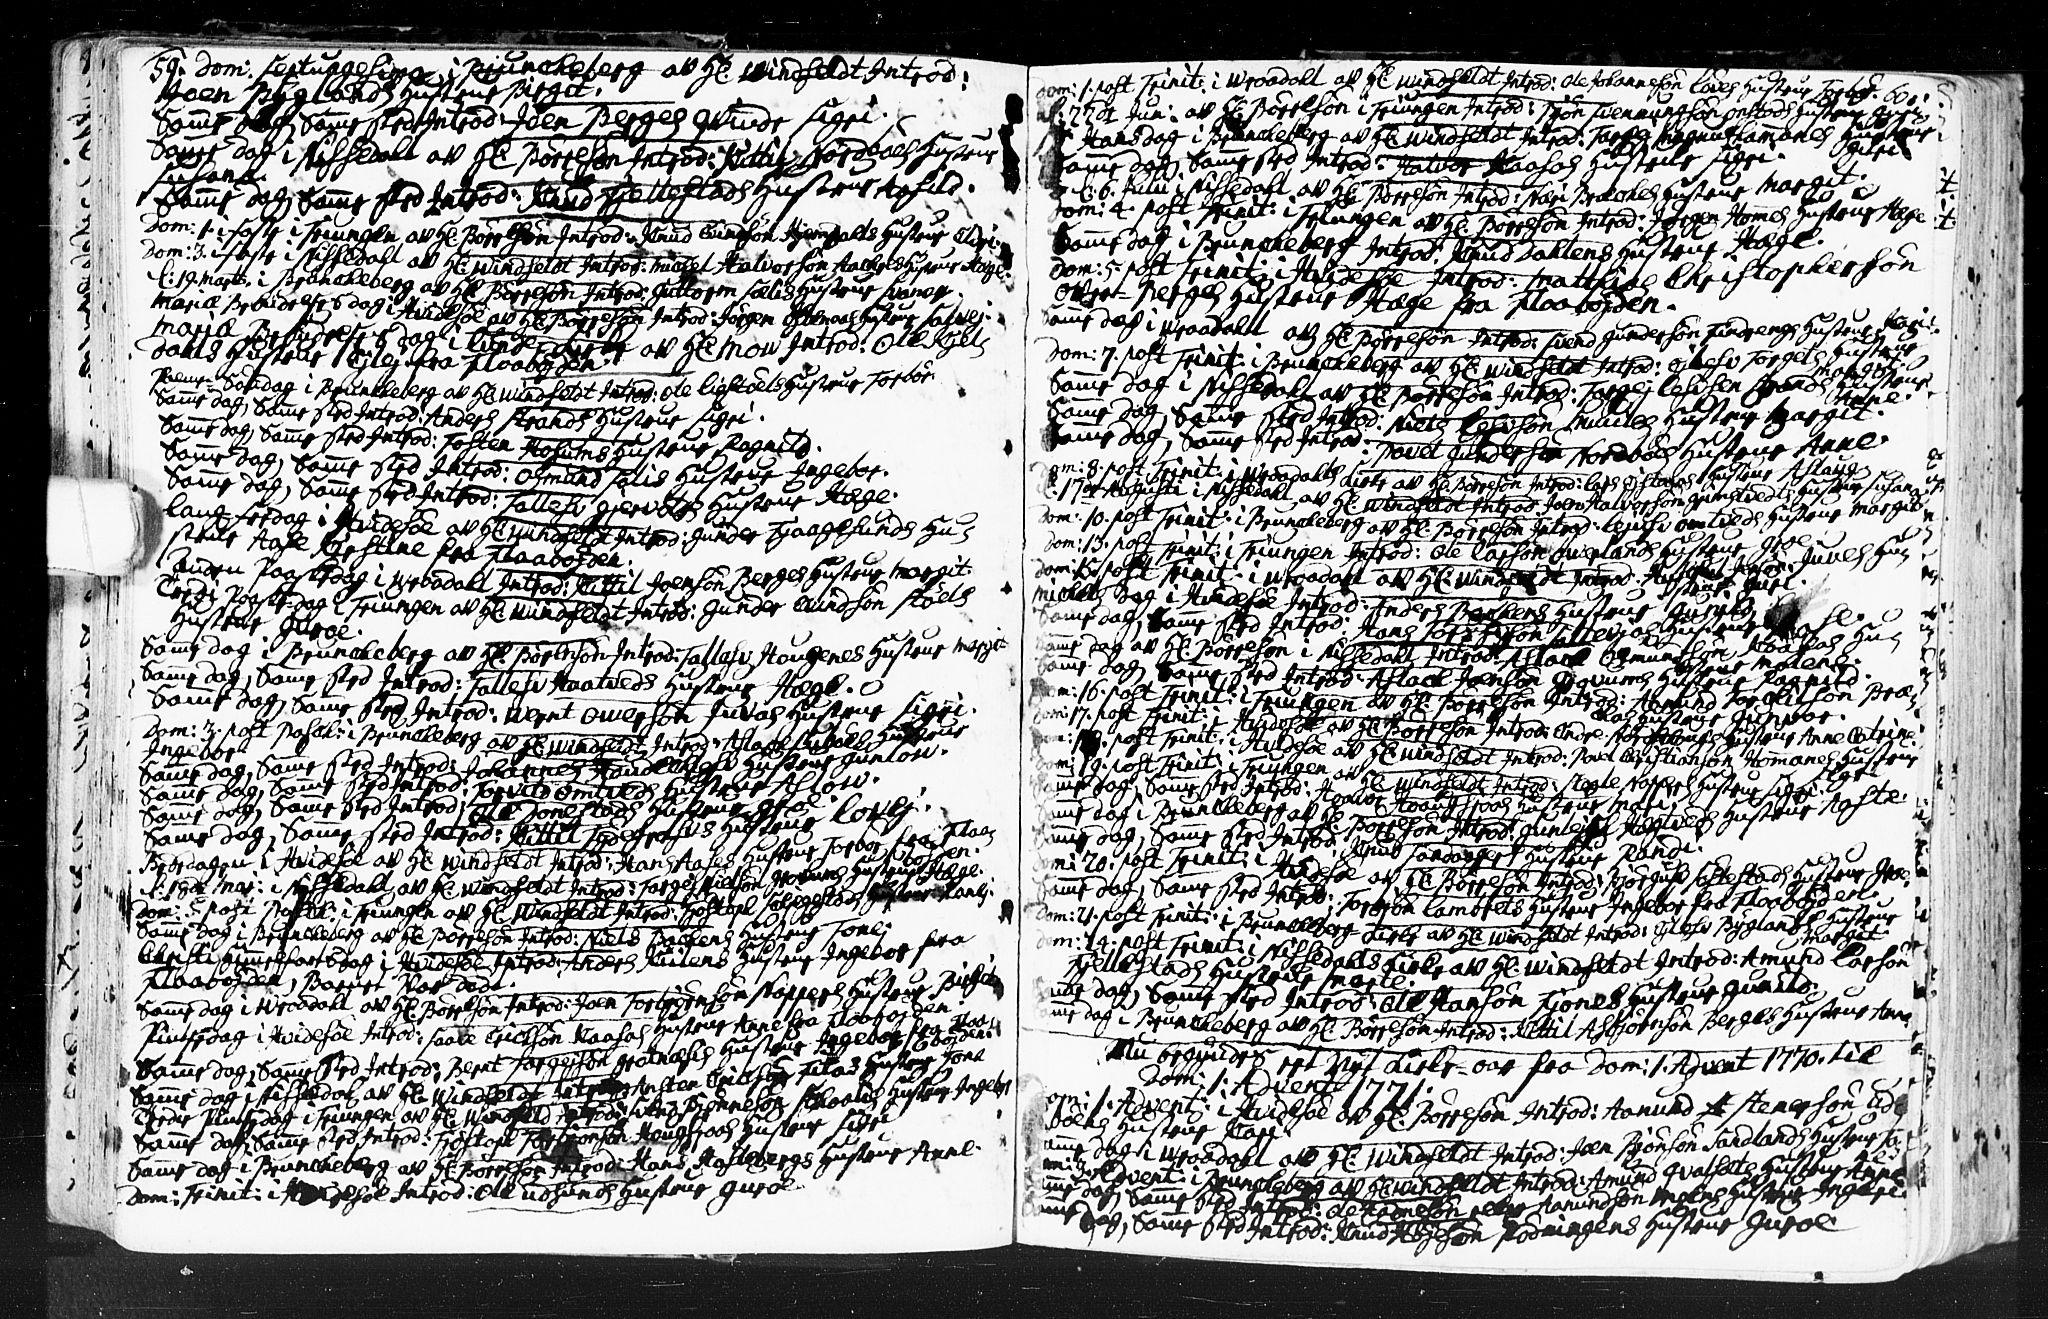 SAKO, Kviteseid kirkebøker, F/Fa/L0001: Ministerialbok nr. I 1, 1754-1773, s. 59-60